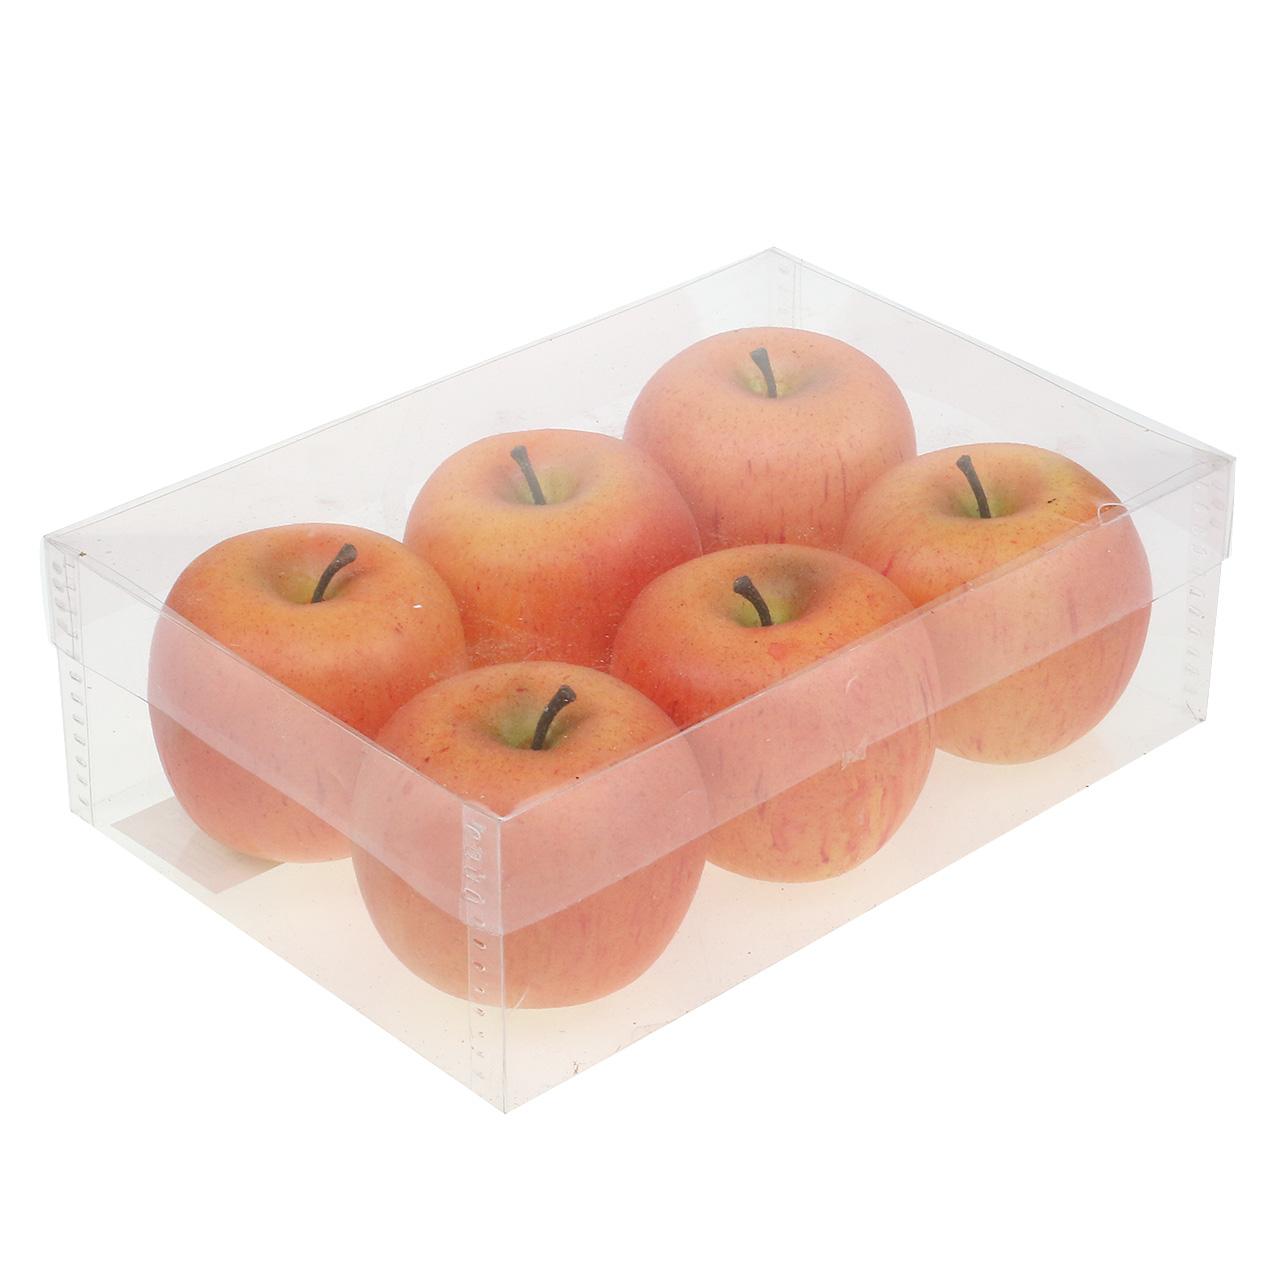 deko pfel cox orange 7cm 6st preiswert online kaufen. Black Bedroom Furniture Sets. Home Design Ideas